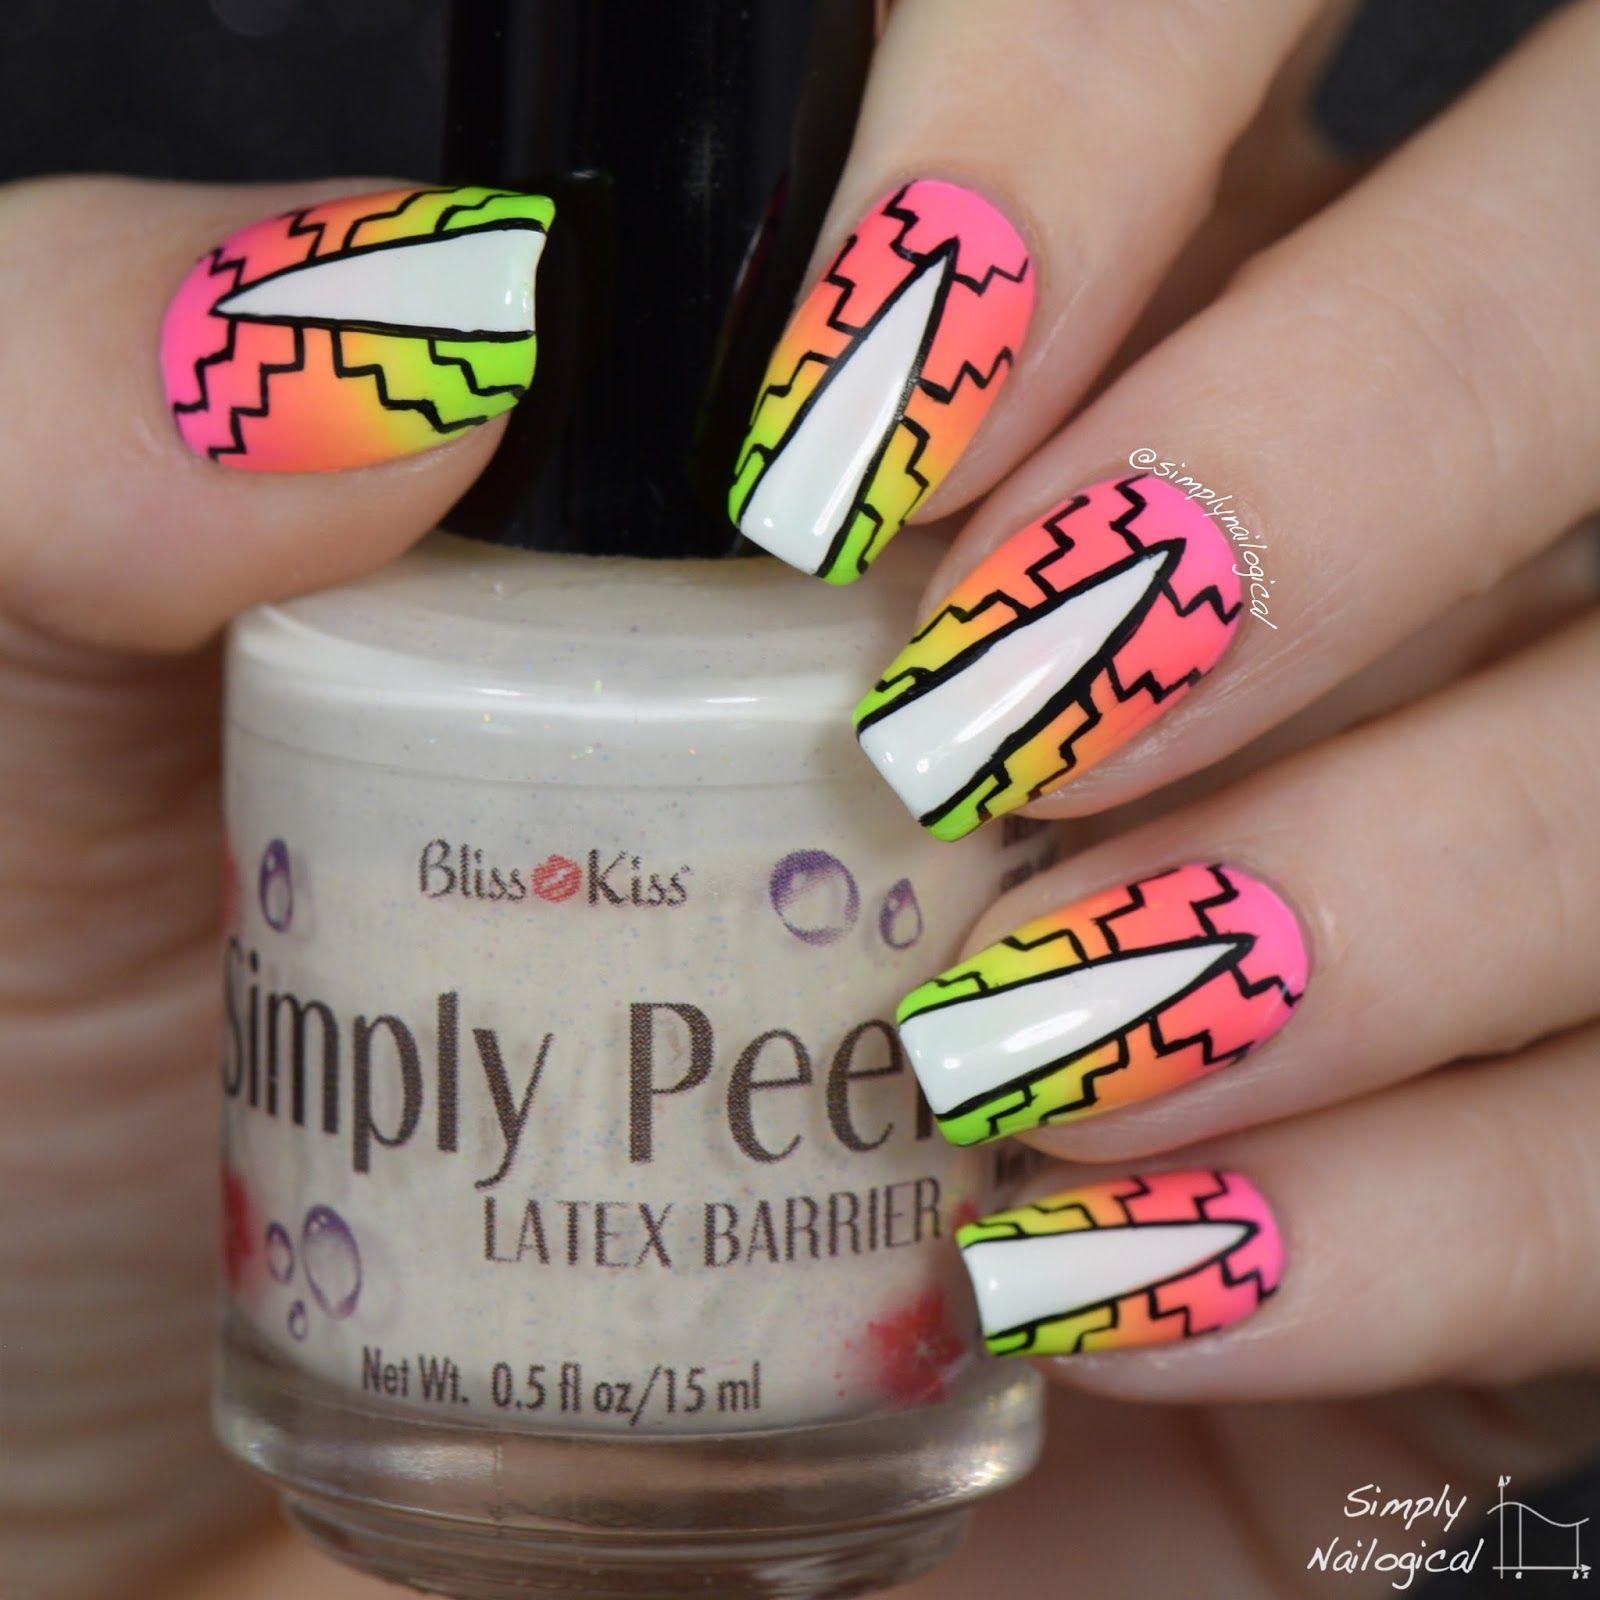 Simply Nailogical Nail Art: Simply Nailogical: Neon Gradient Pattern Nails For Summah